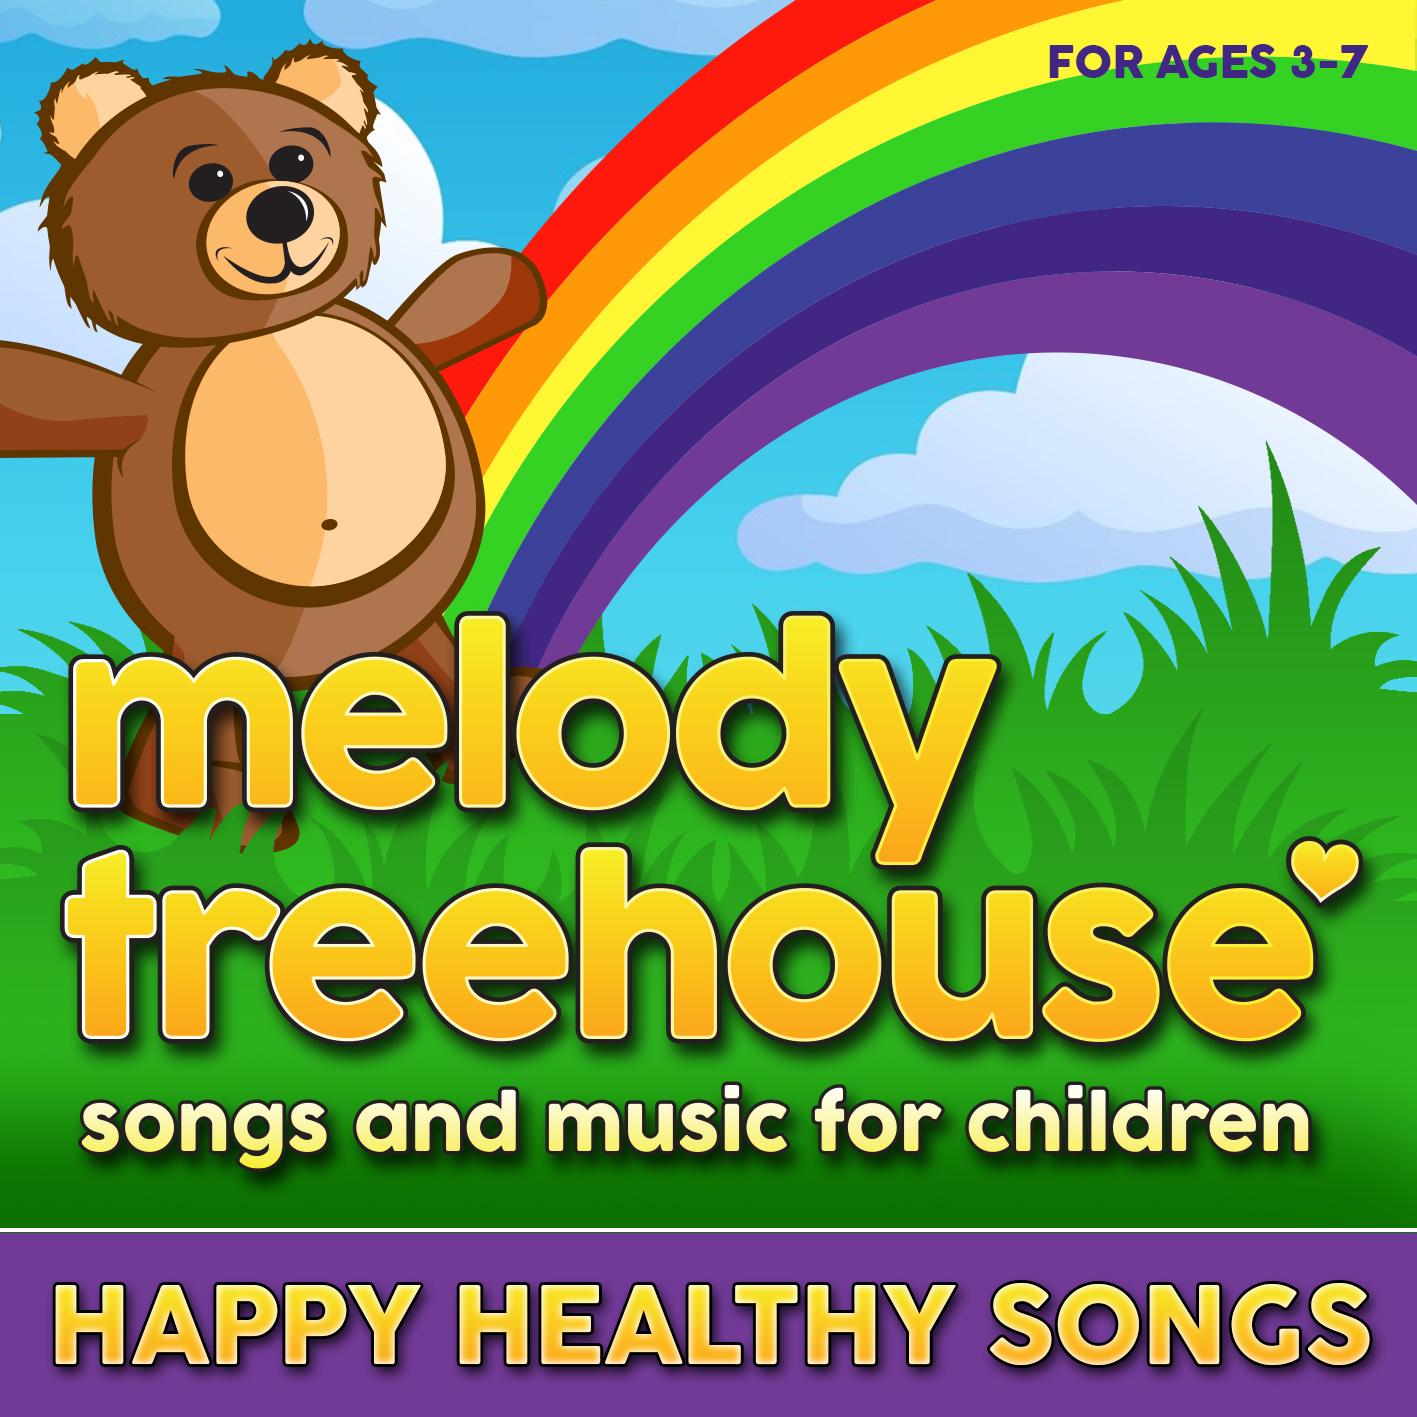 happy healthy songs